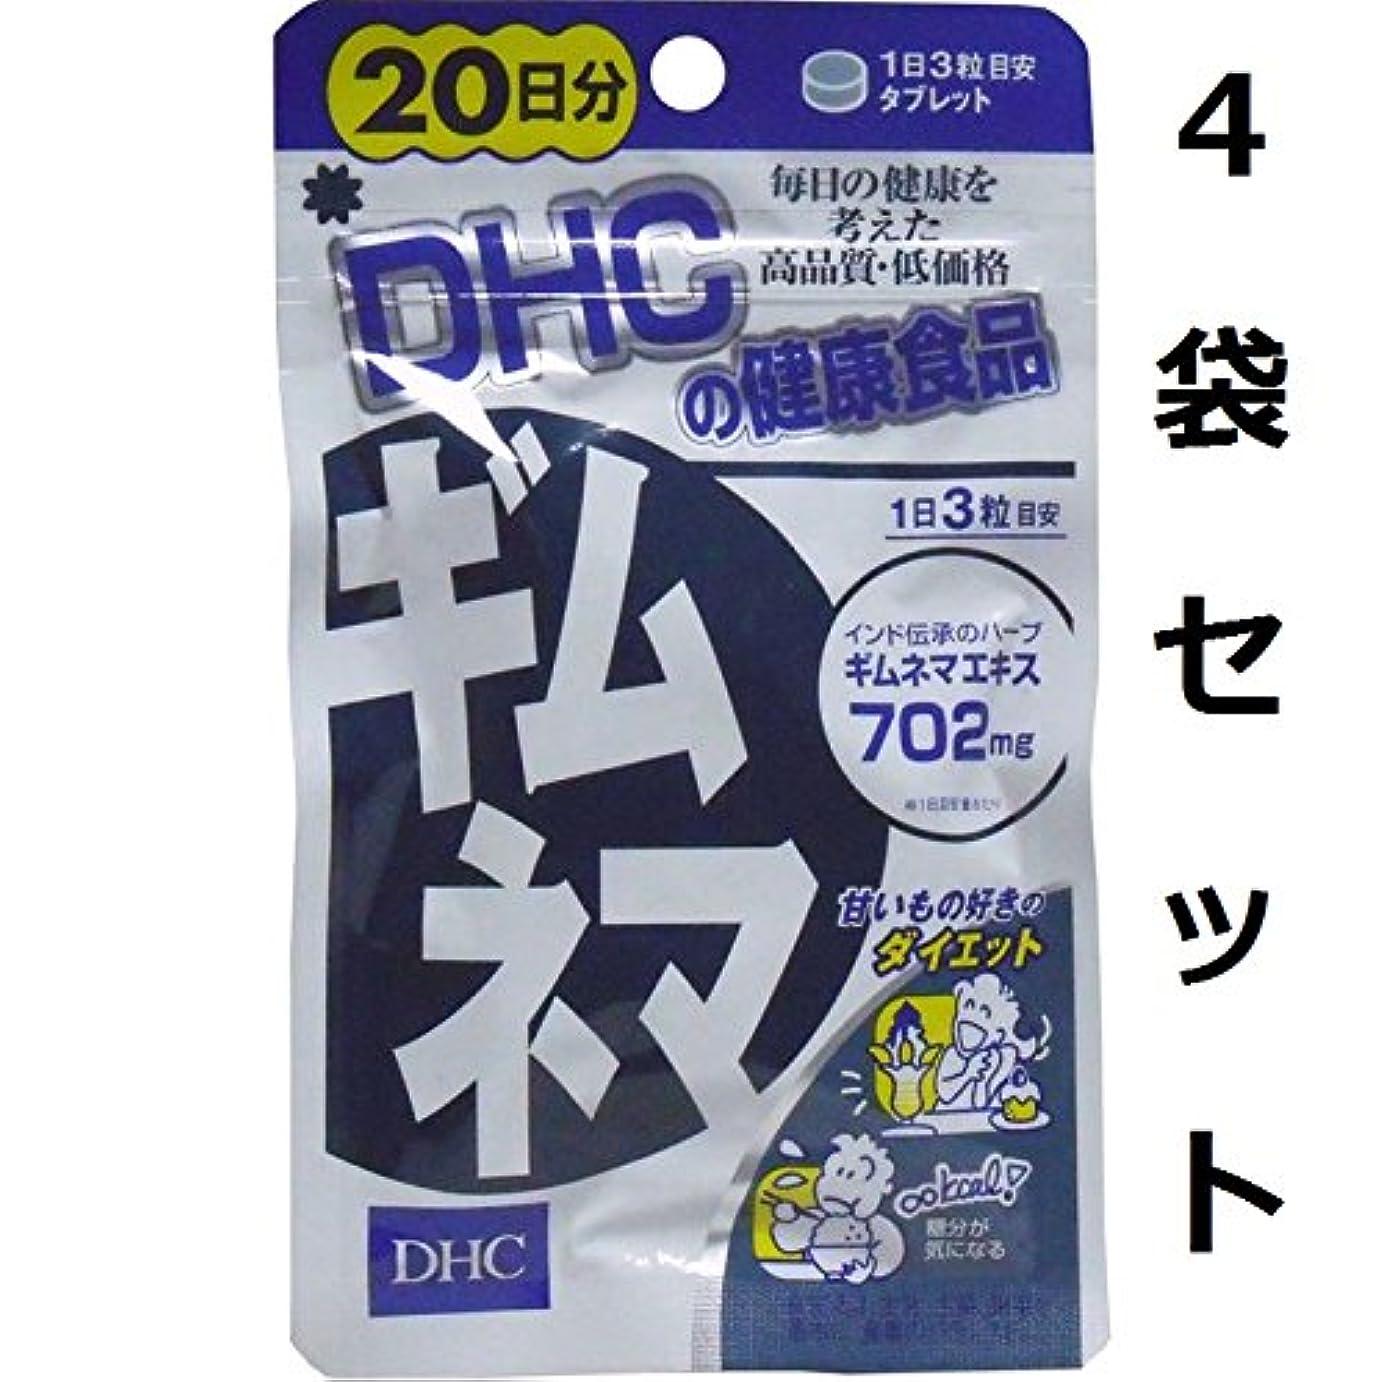 暗くするリットル恐怖余分な糖分をブロック DHC ギムネマ 20日分 60粒 4袋セット